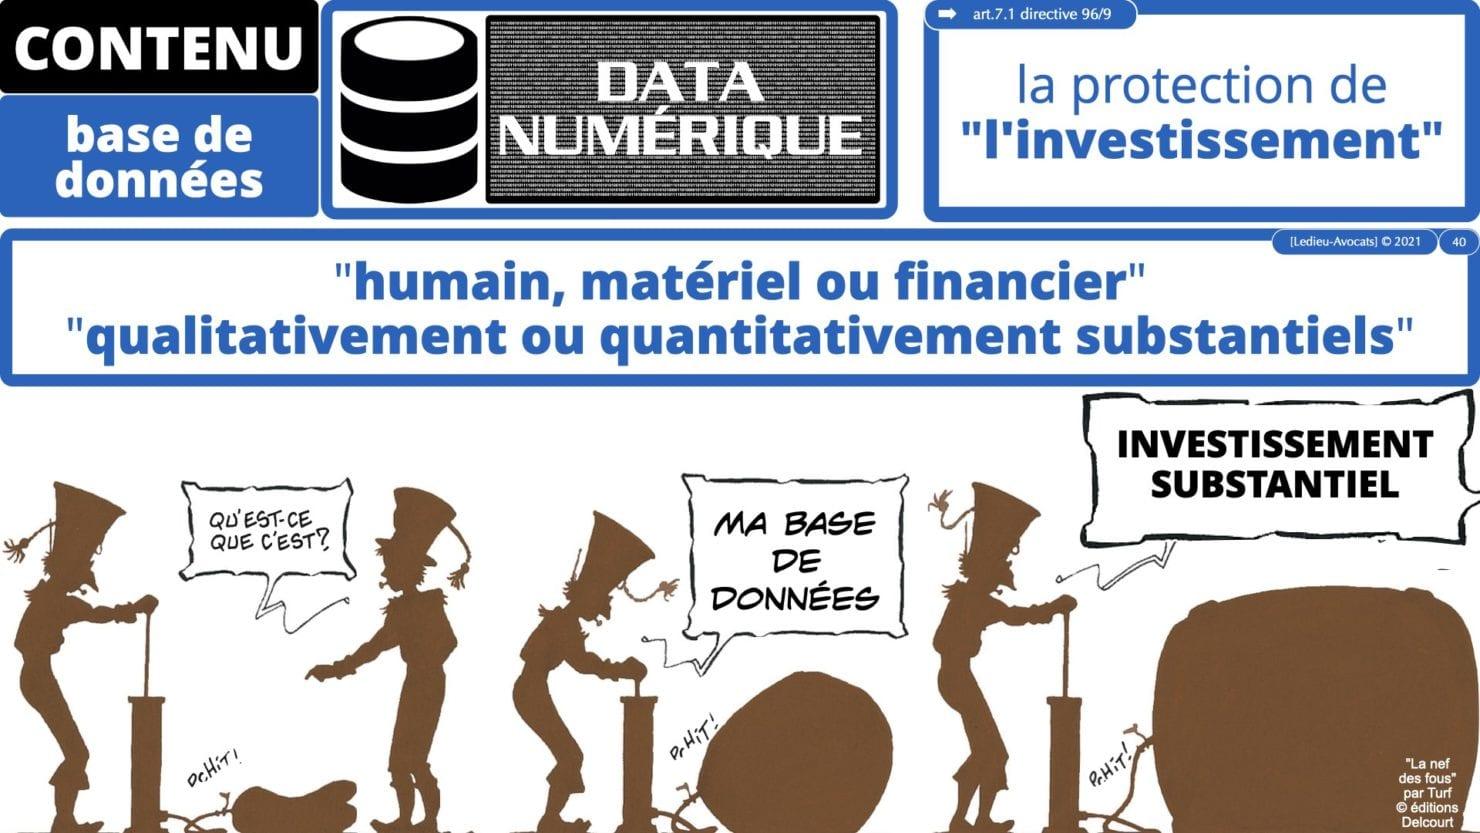 334 extraction indexation BASE DE DONNEES © Ledieu-avocat 24-05-2021.040